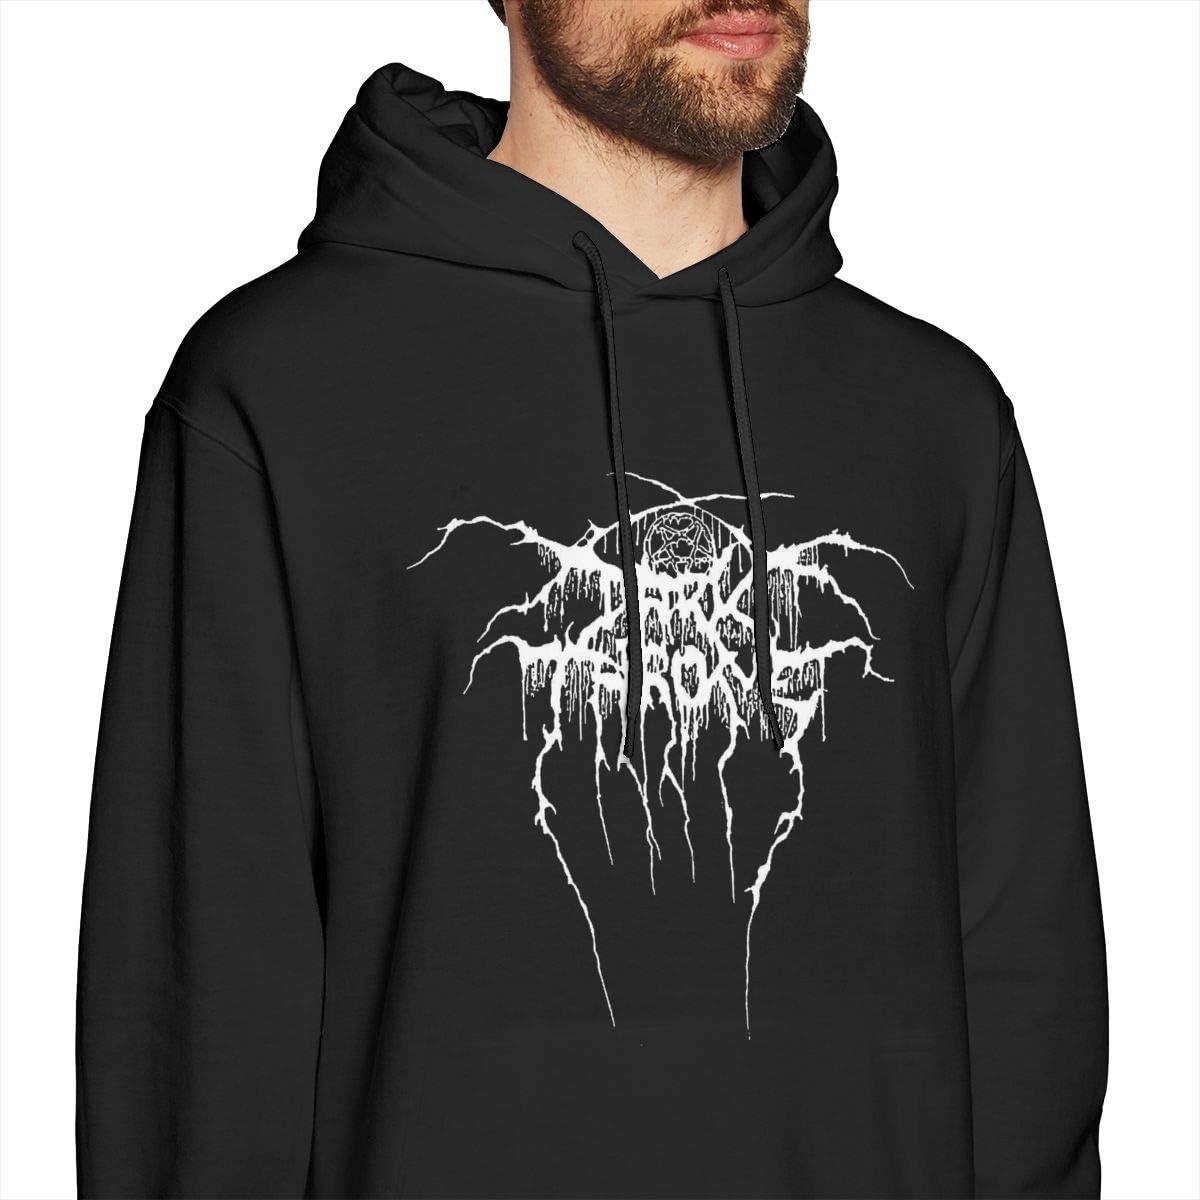 Pekivide Mens Darkthrone Comfortable Black Hoodie Sweatshirt Jacket Pullover Tops